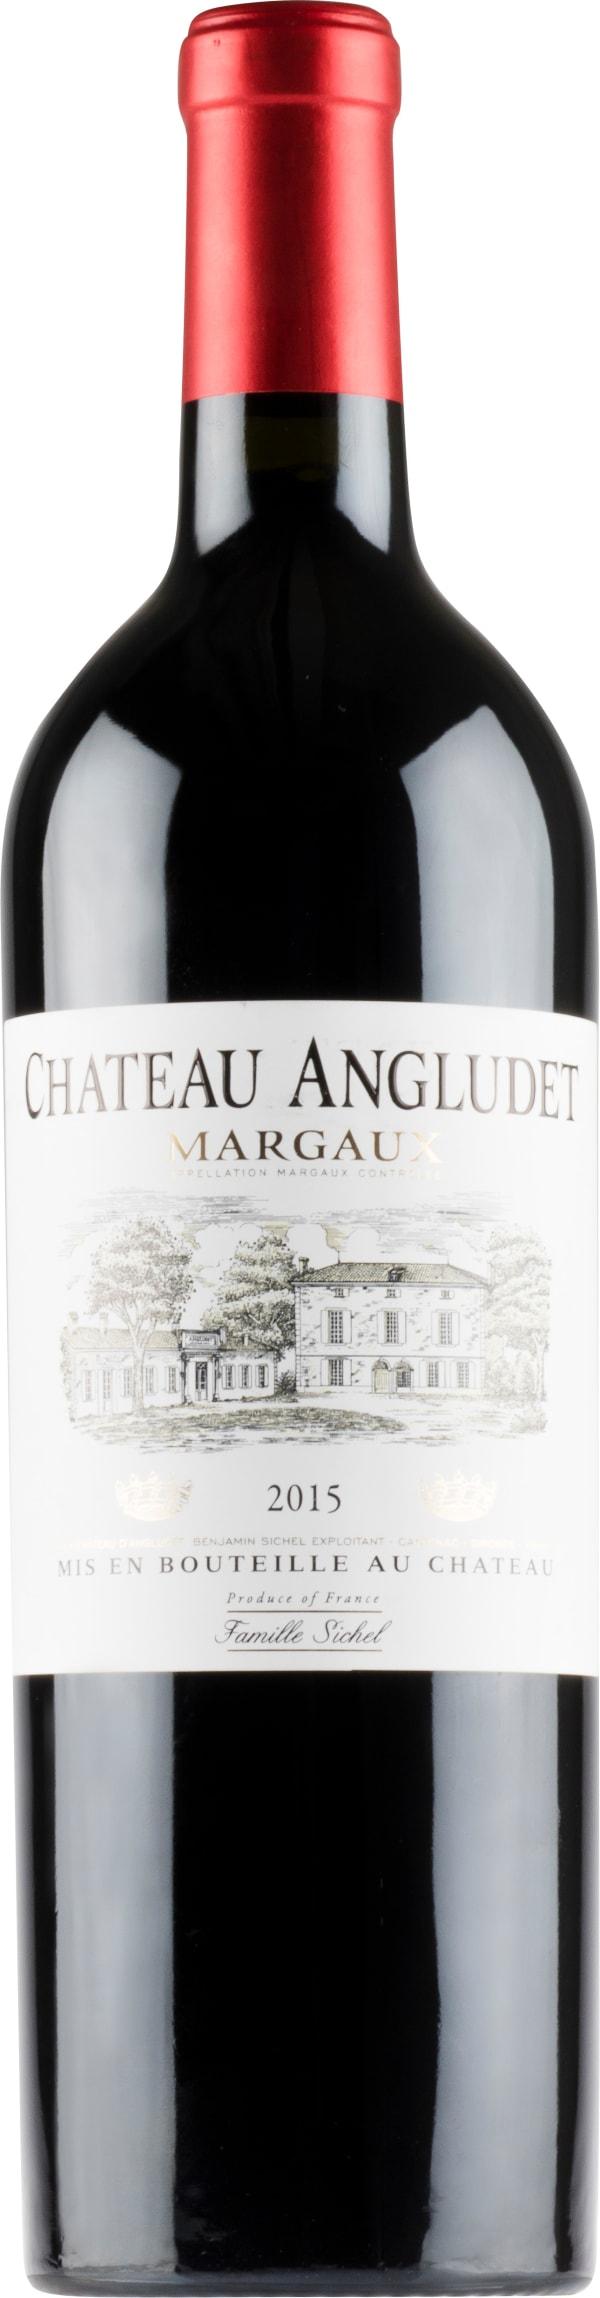 Château Angludet 2015